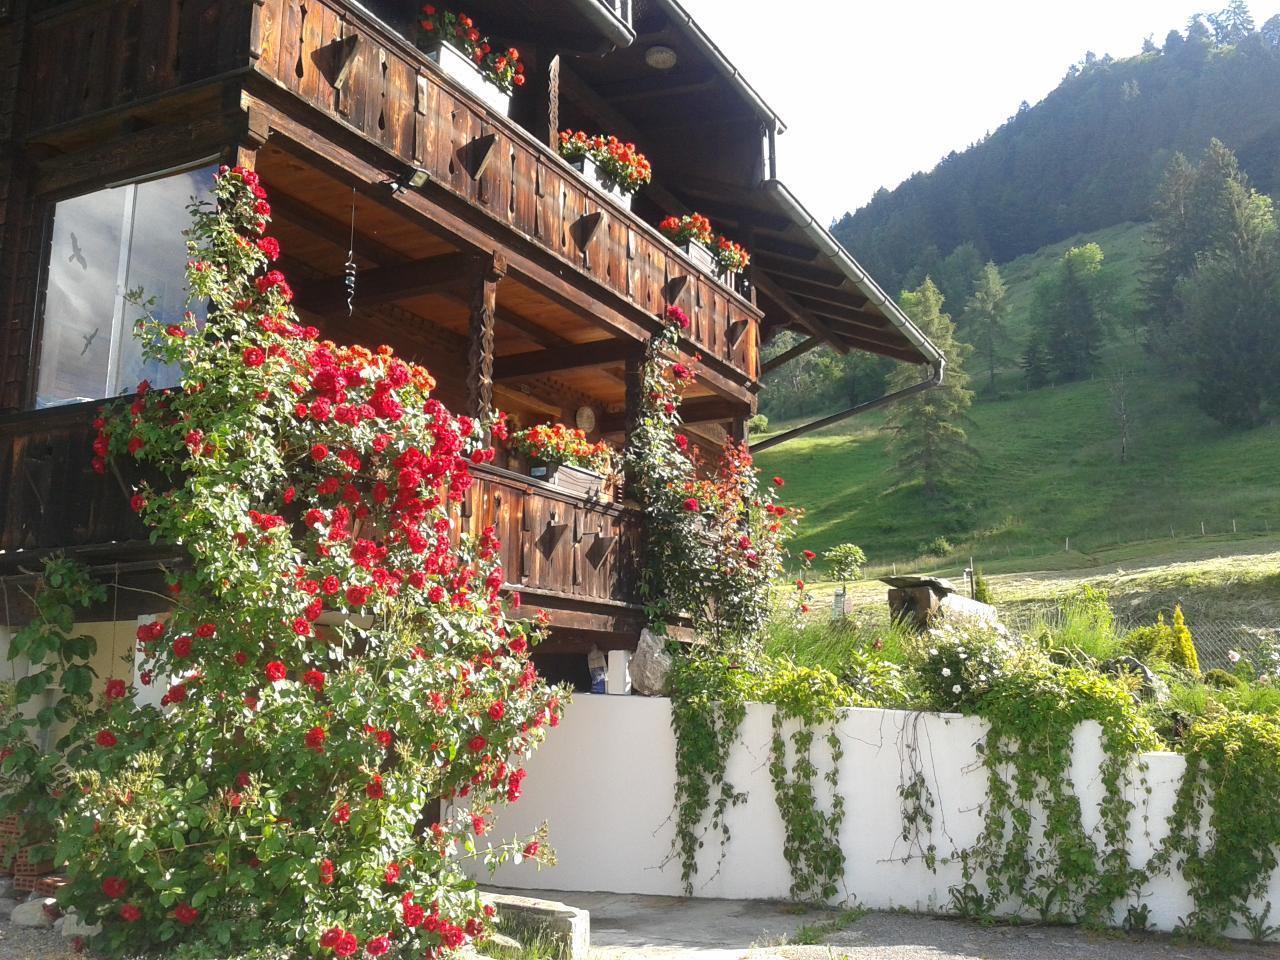 Maison de vacances Chalethälfte Swissstyle (2626681), Sangernboden, Lac de Thoune - Lac de Brienz, Oberland bernois, Suisse, image 1